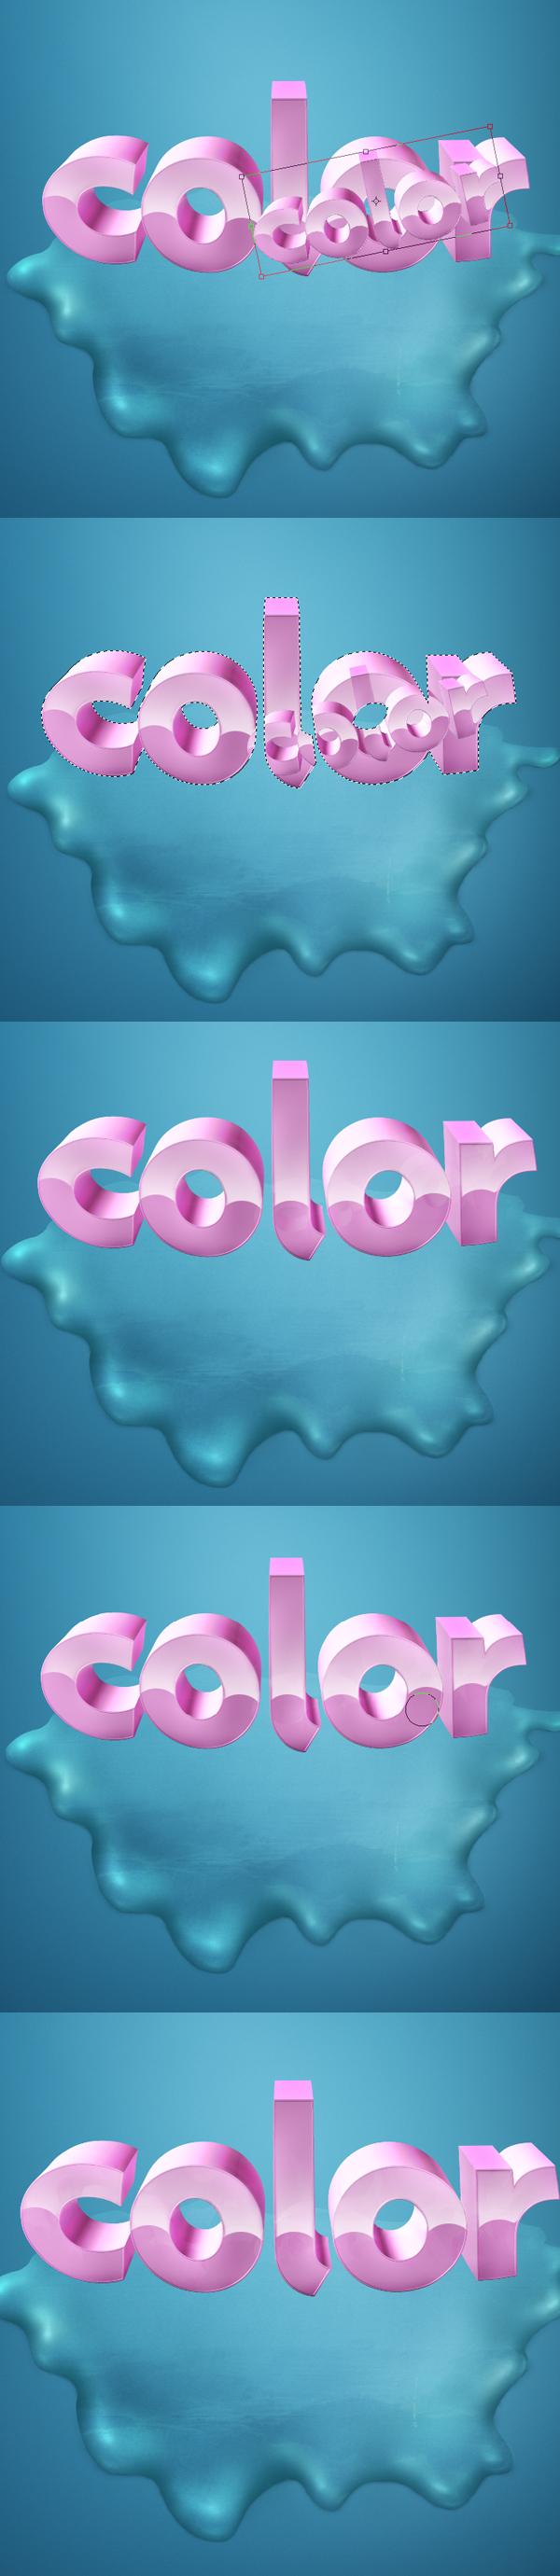 22 Thiết Kế 3D Text với Màu Sắc Ấn Tượng   Phần 1